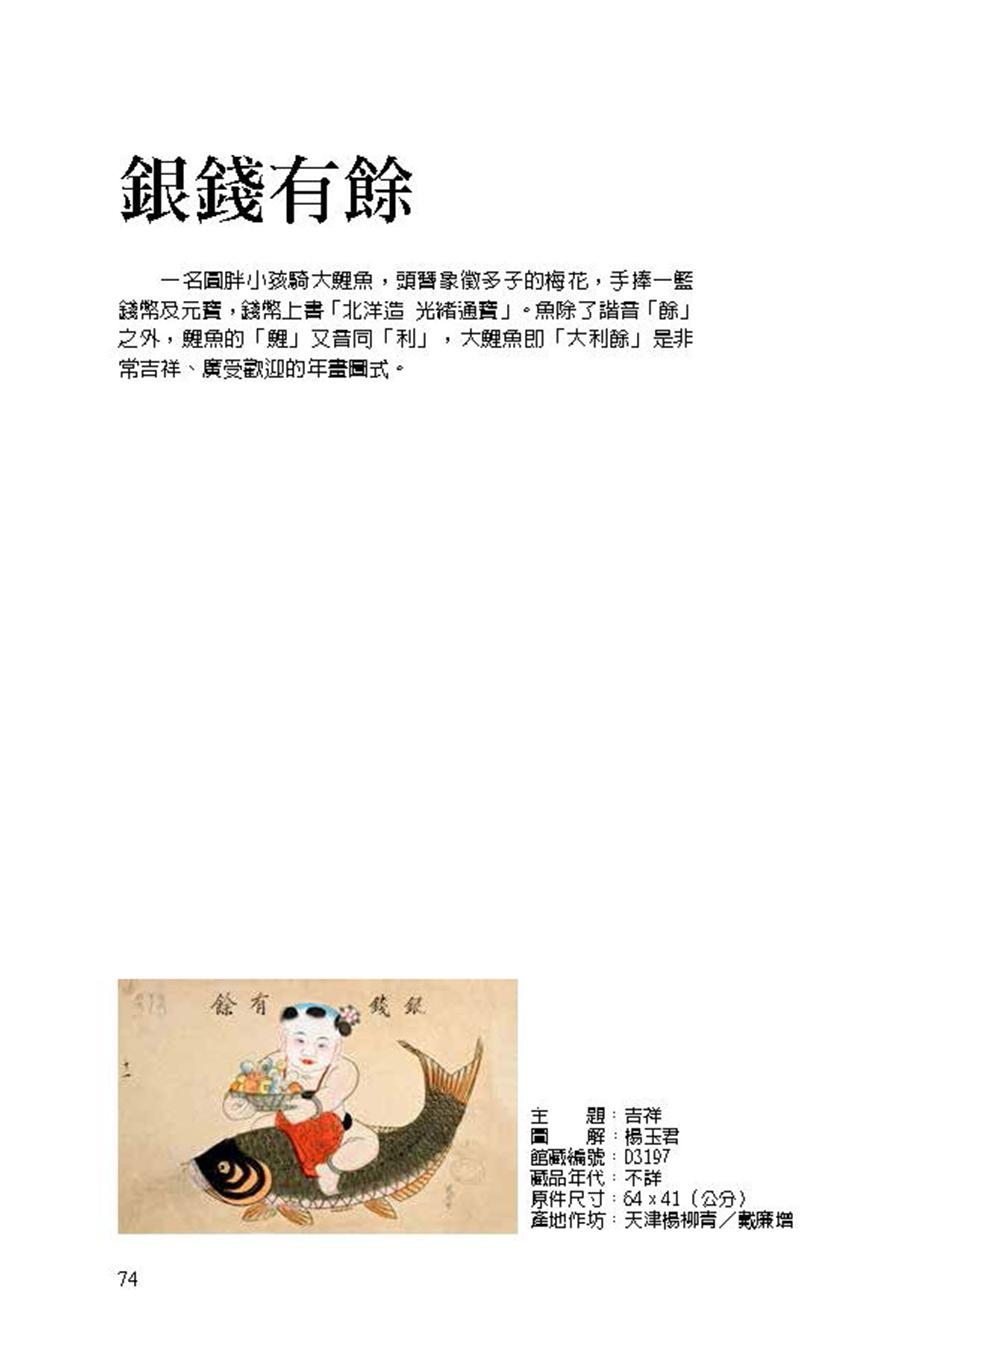 http://im2.book.com.tw/image/getImage?i=http://www.books.com.tw/img/001/072/47/0010724711_b_07.jpg&v=57a1e474&w=655&h=609